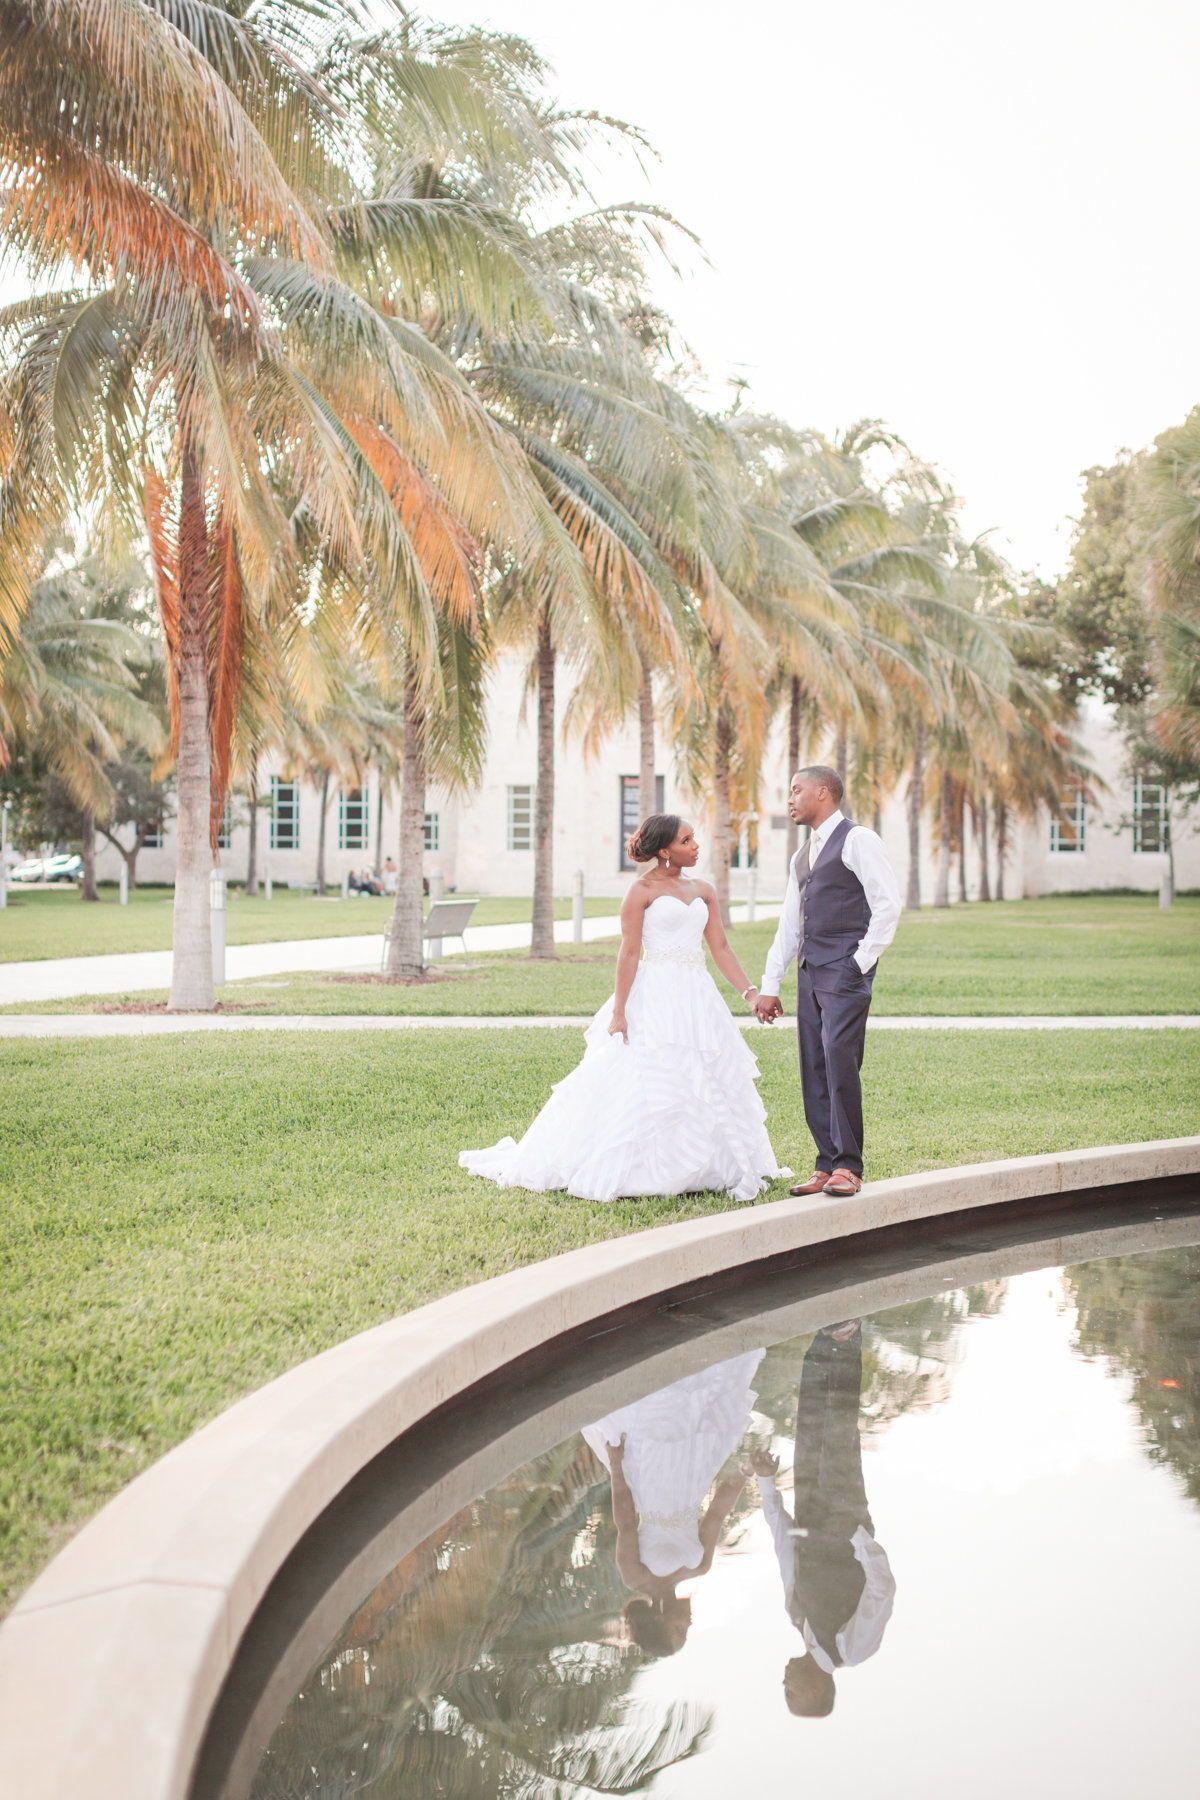 A Fabulous Enjoying The Miami Scenery During Their Destination Wedding